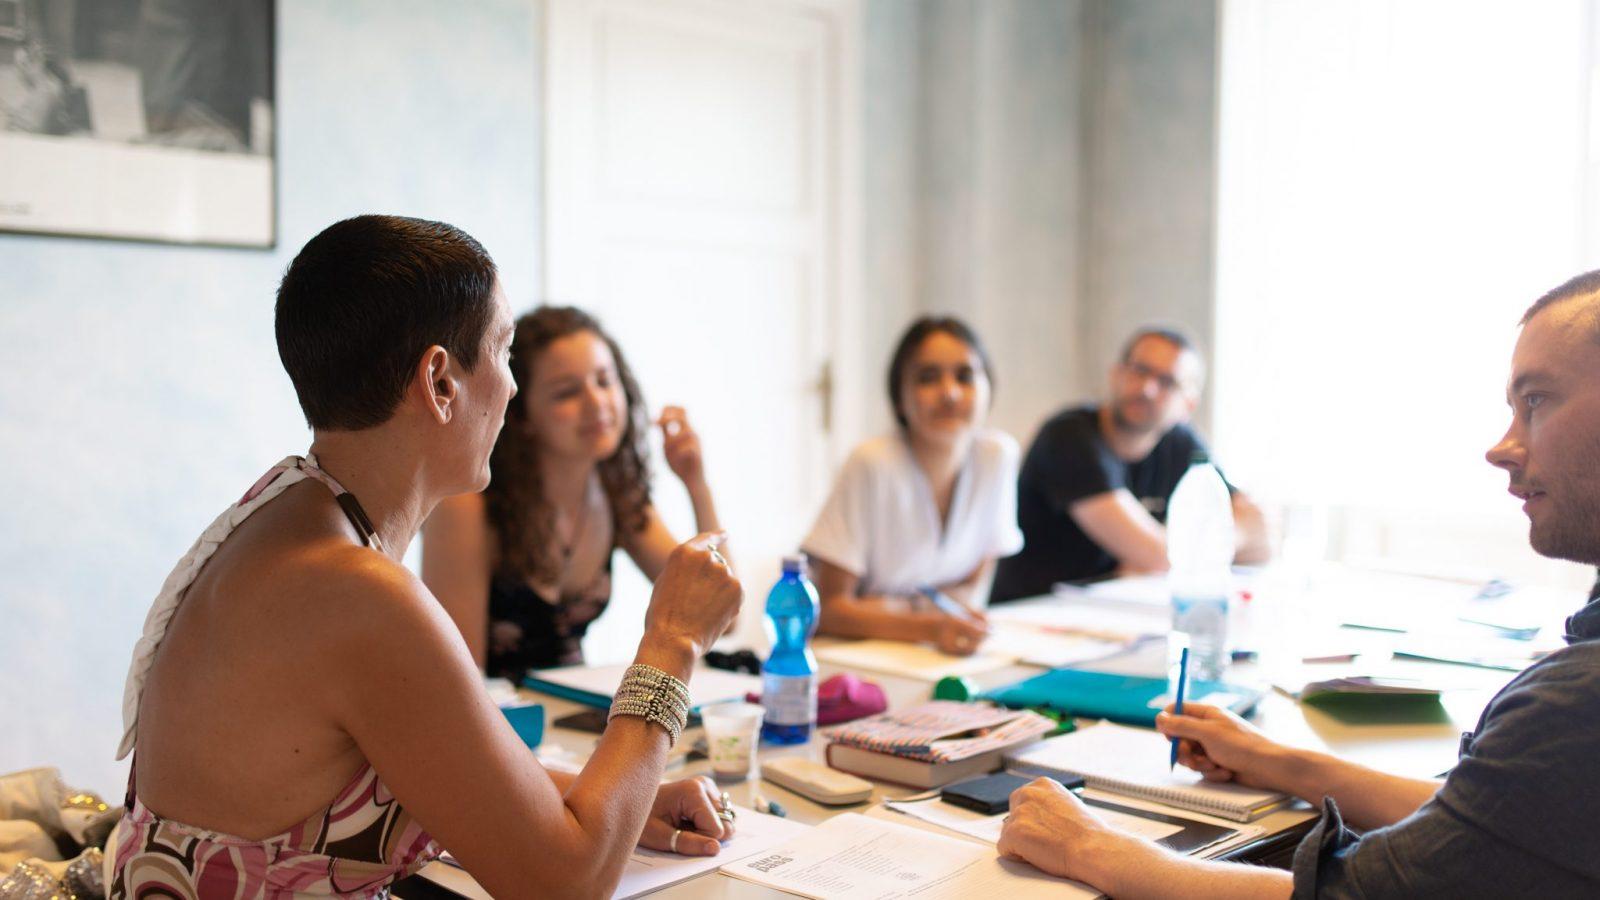 Italienischkurse für Anfänger in Florenz